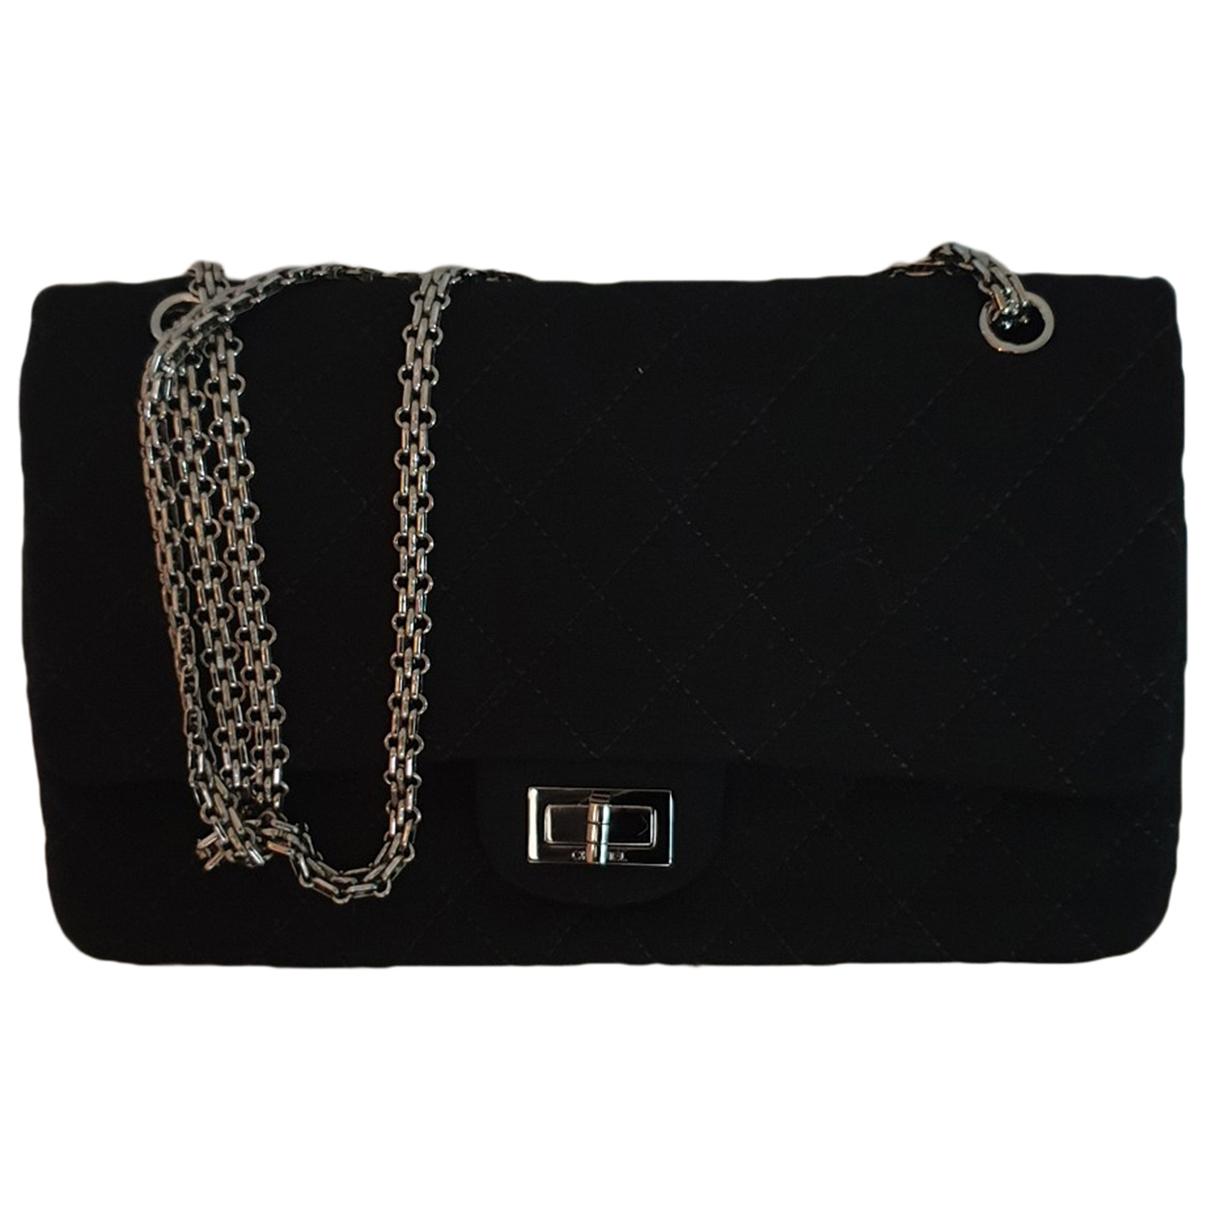 Chanel - Sac a main 2.55 pour femme en toile - noir